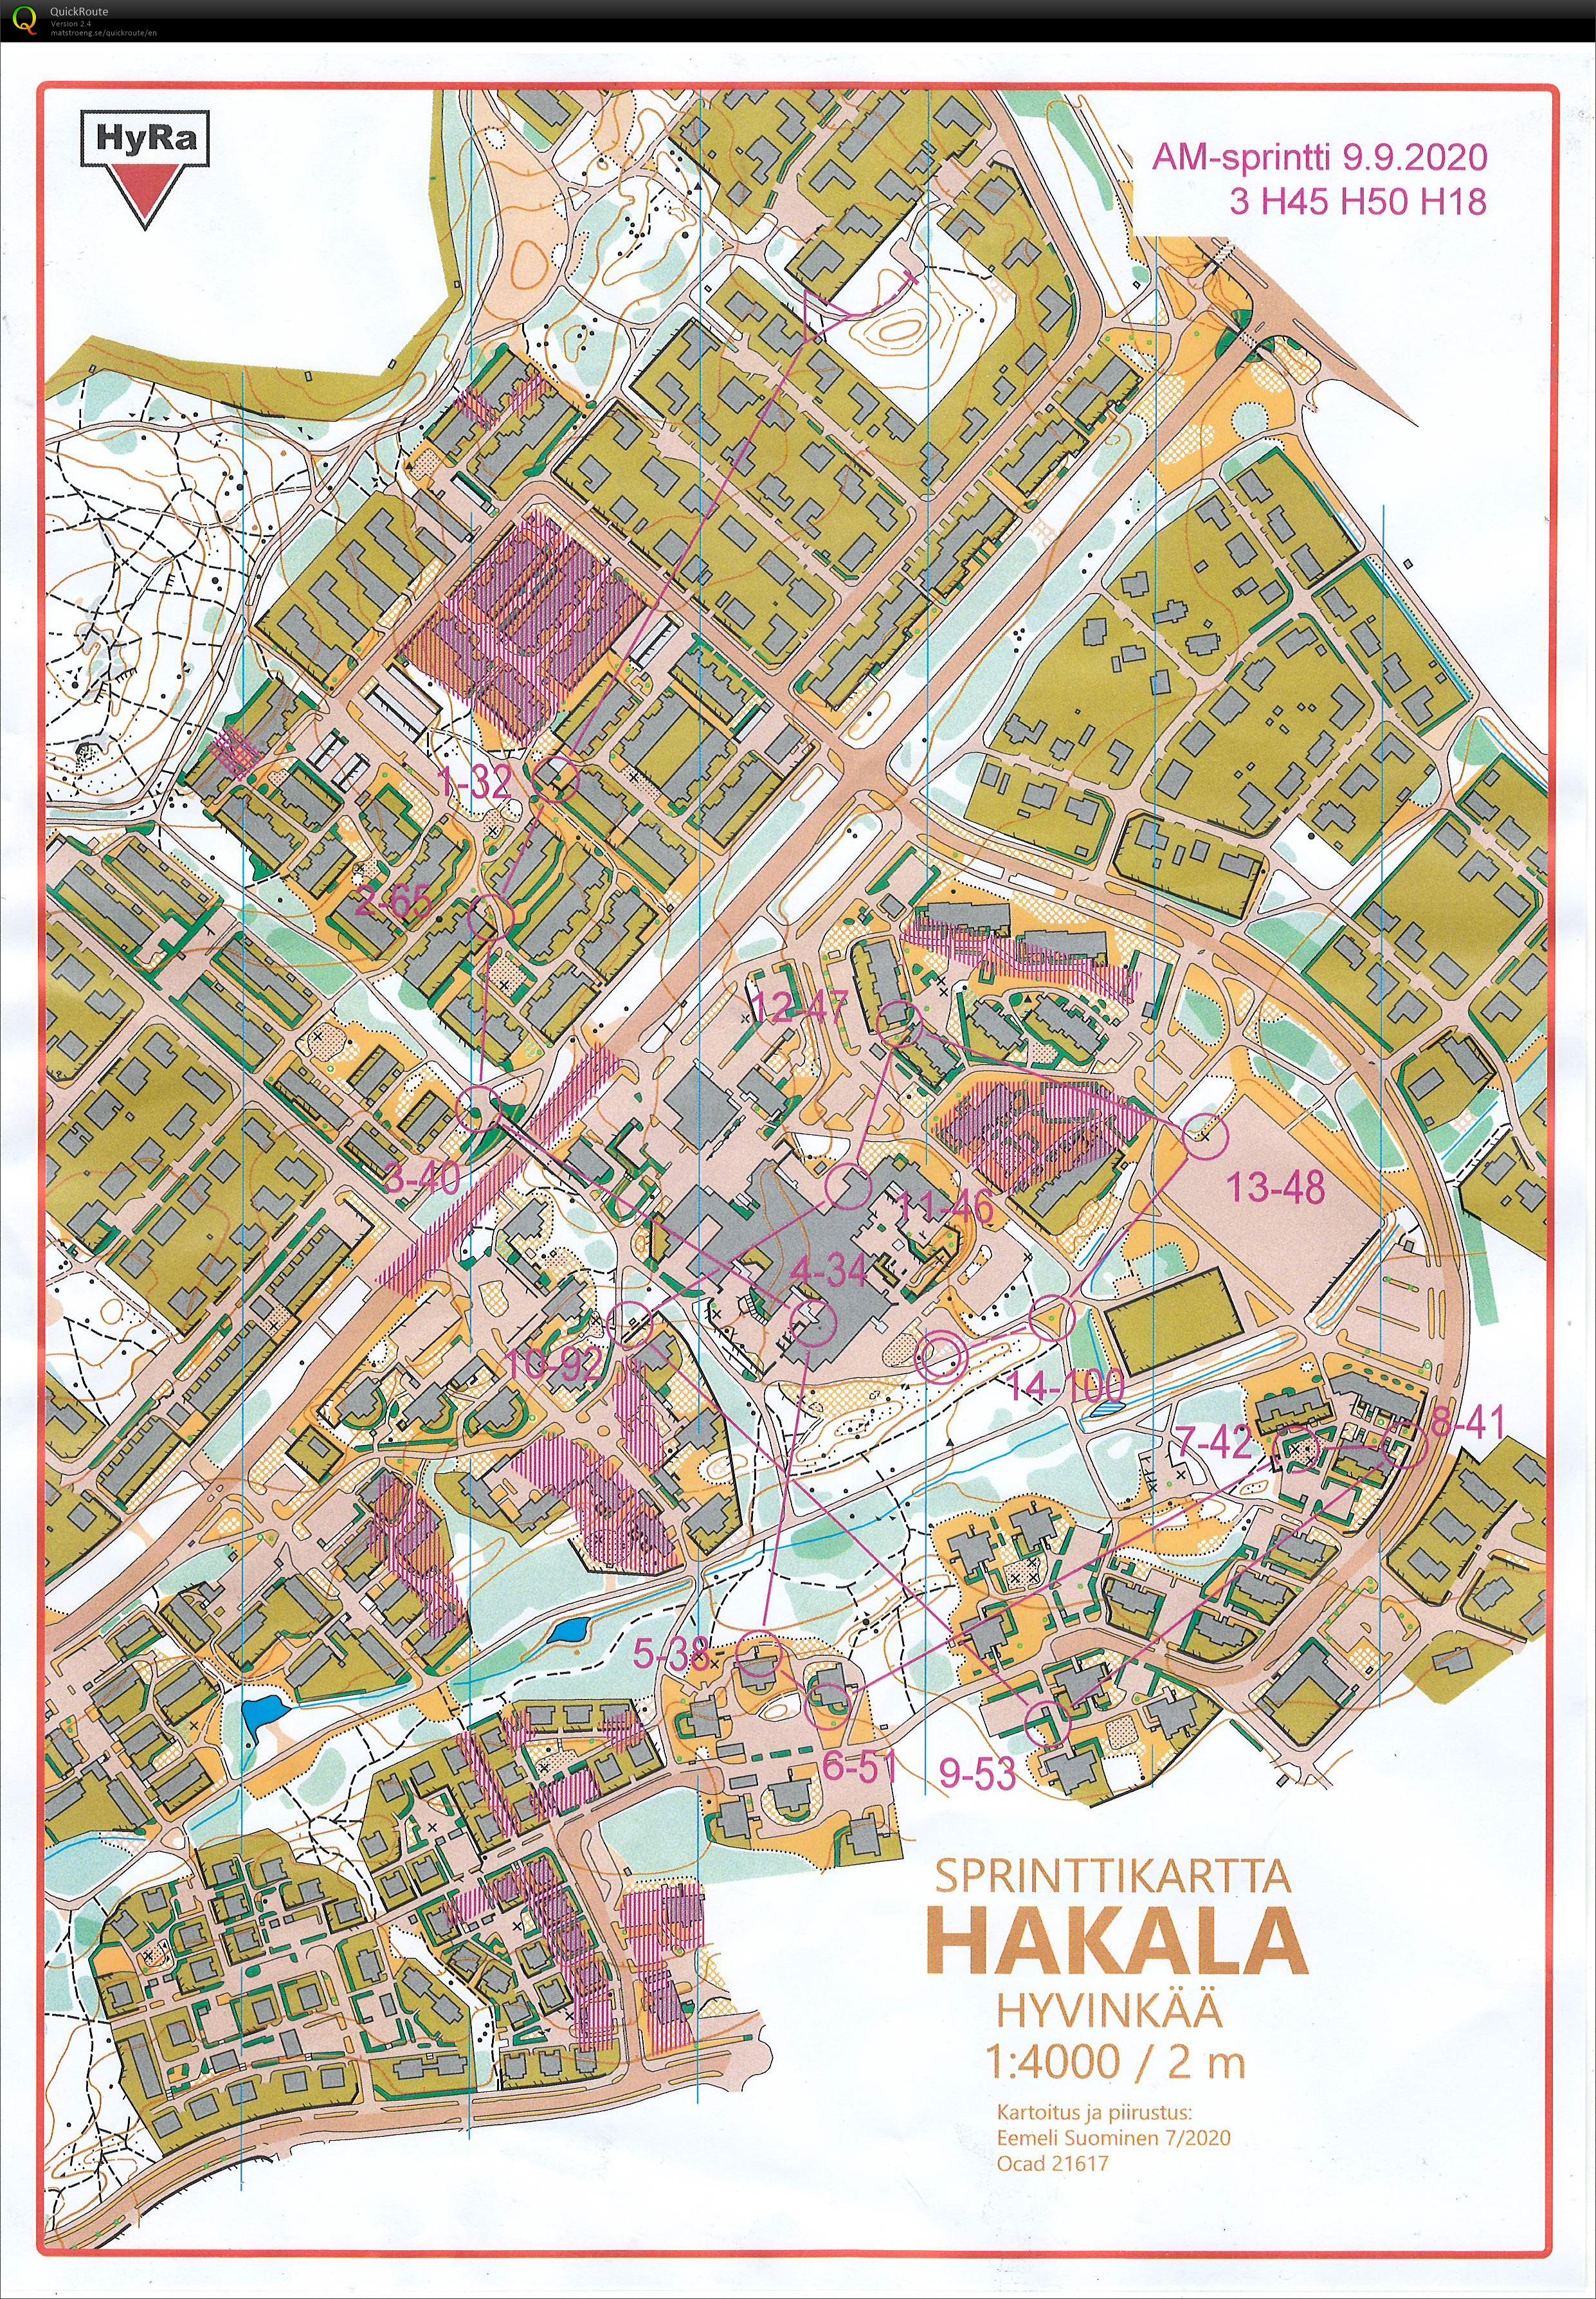 Puisto Mestis Sprintti Hyvinkää H45 (09/09/2020)